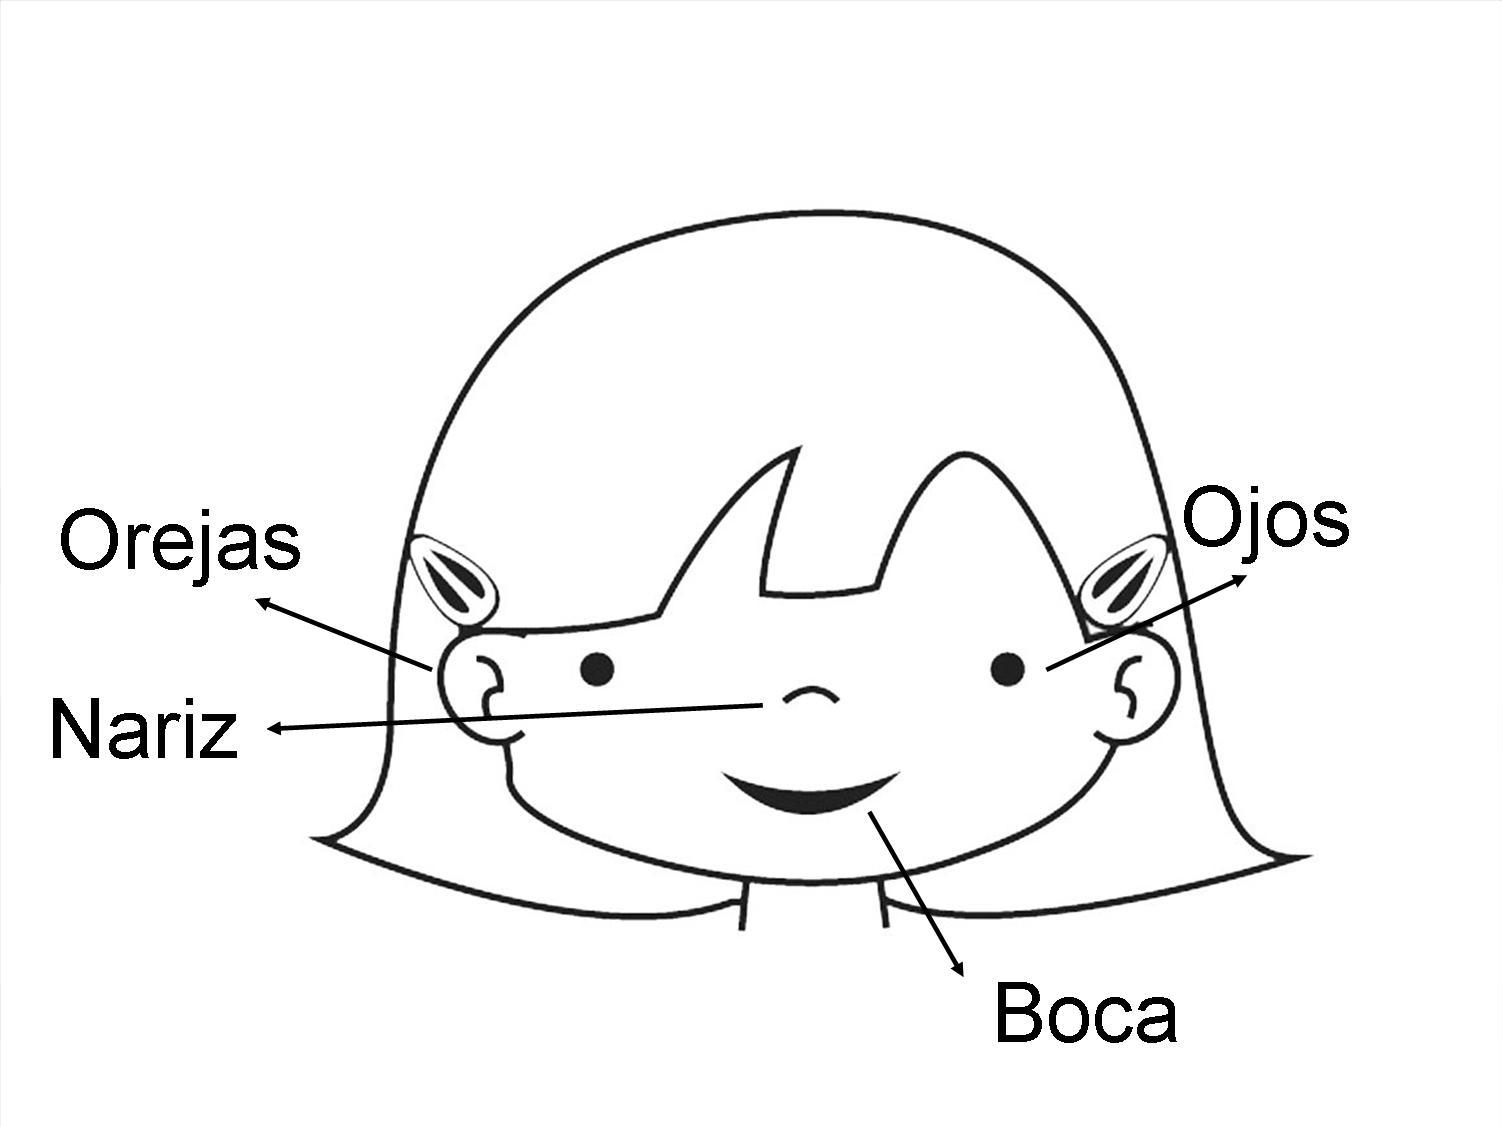 Dibujos De Aplicacio De Partes De La Cara